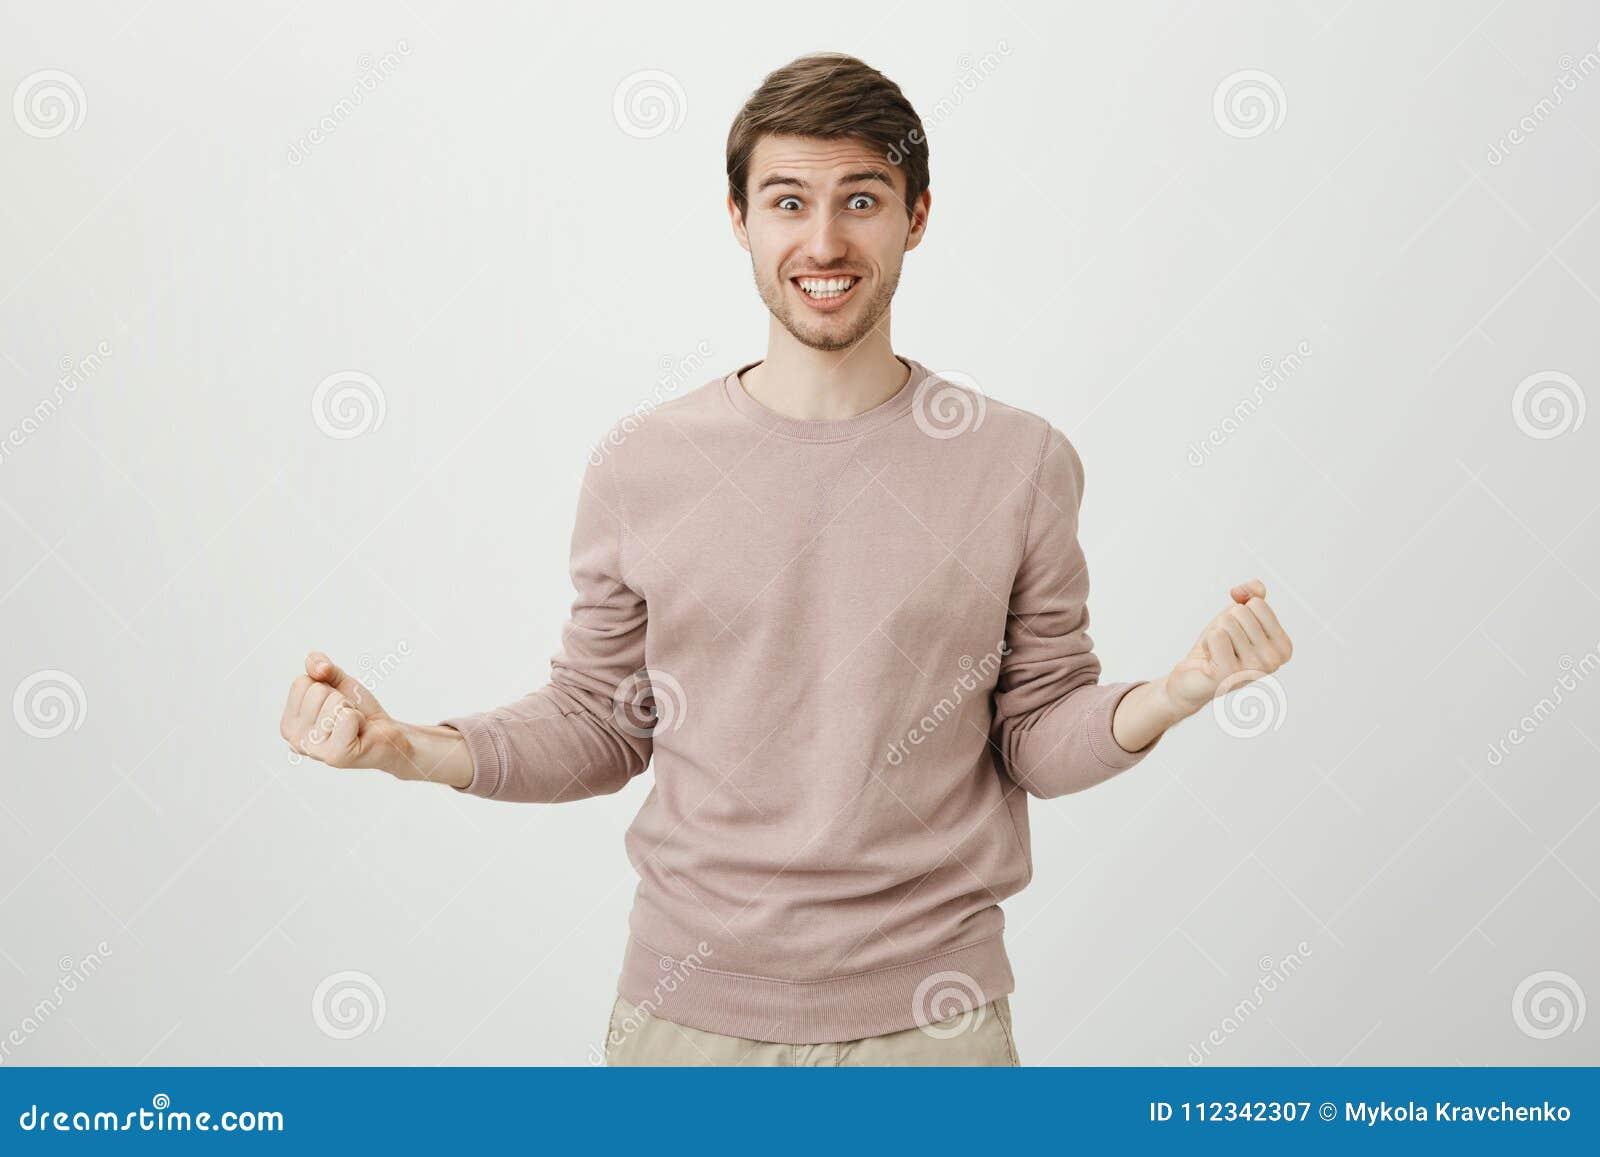 Retrato do homem bonito caucasiano positivo brincalhão com a cerda que espreme os punhos ao ser entusiasmado e ao dizer sim